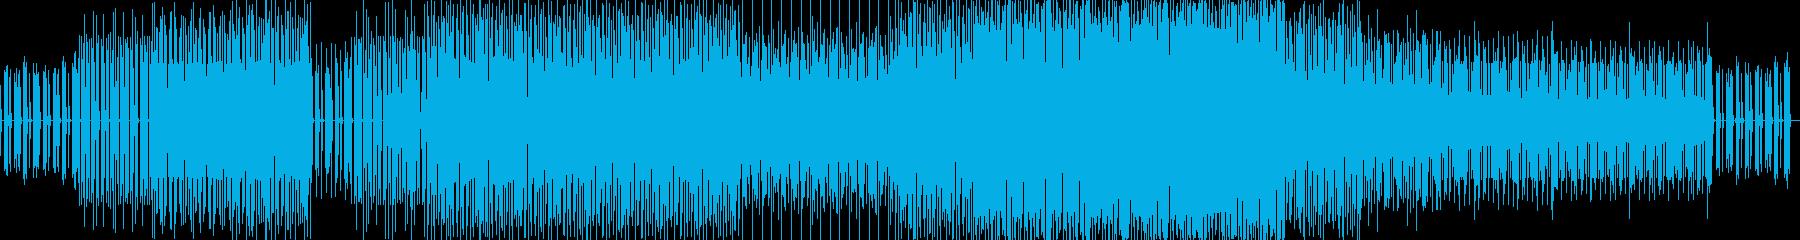 繰り返します。退屈、クレッシェンドの再生済みの波形